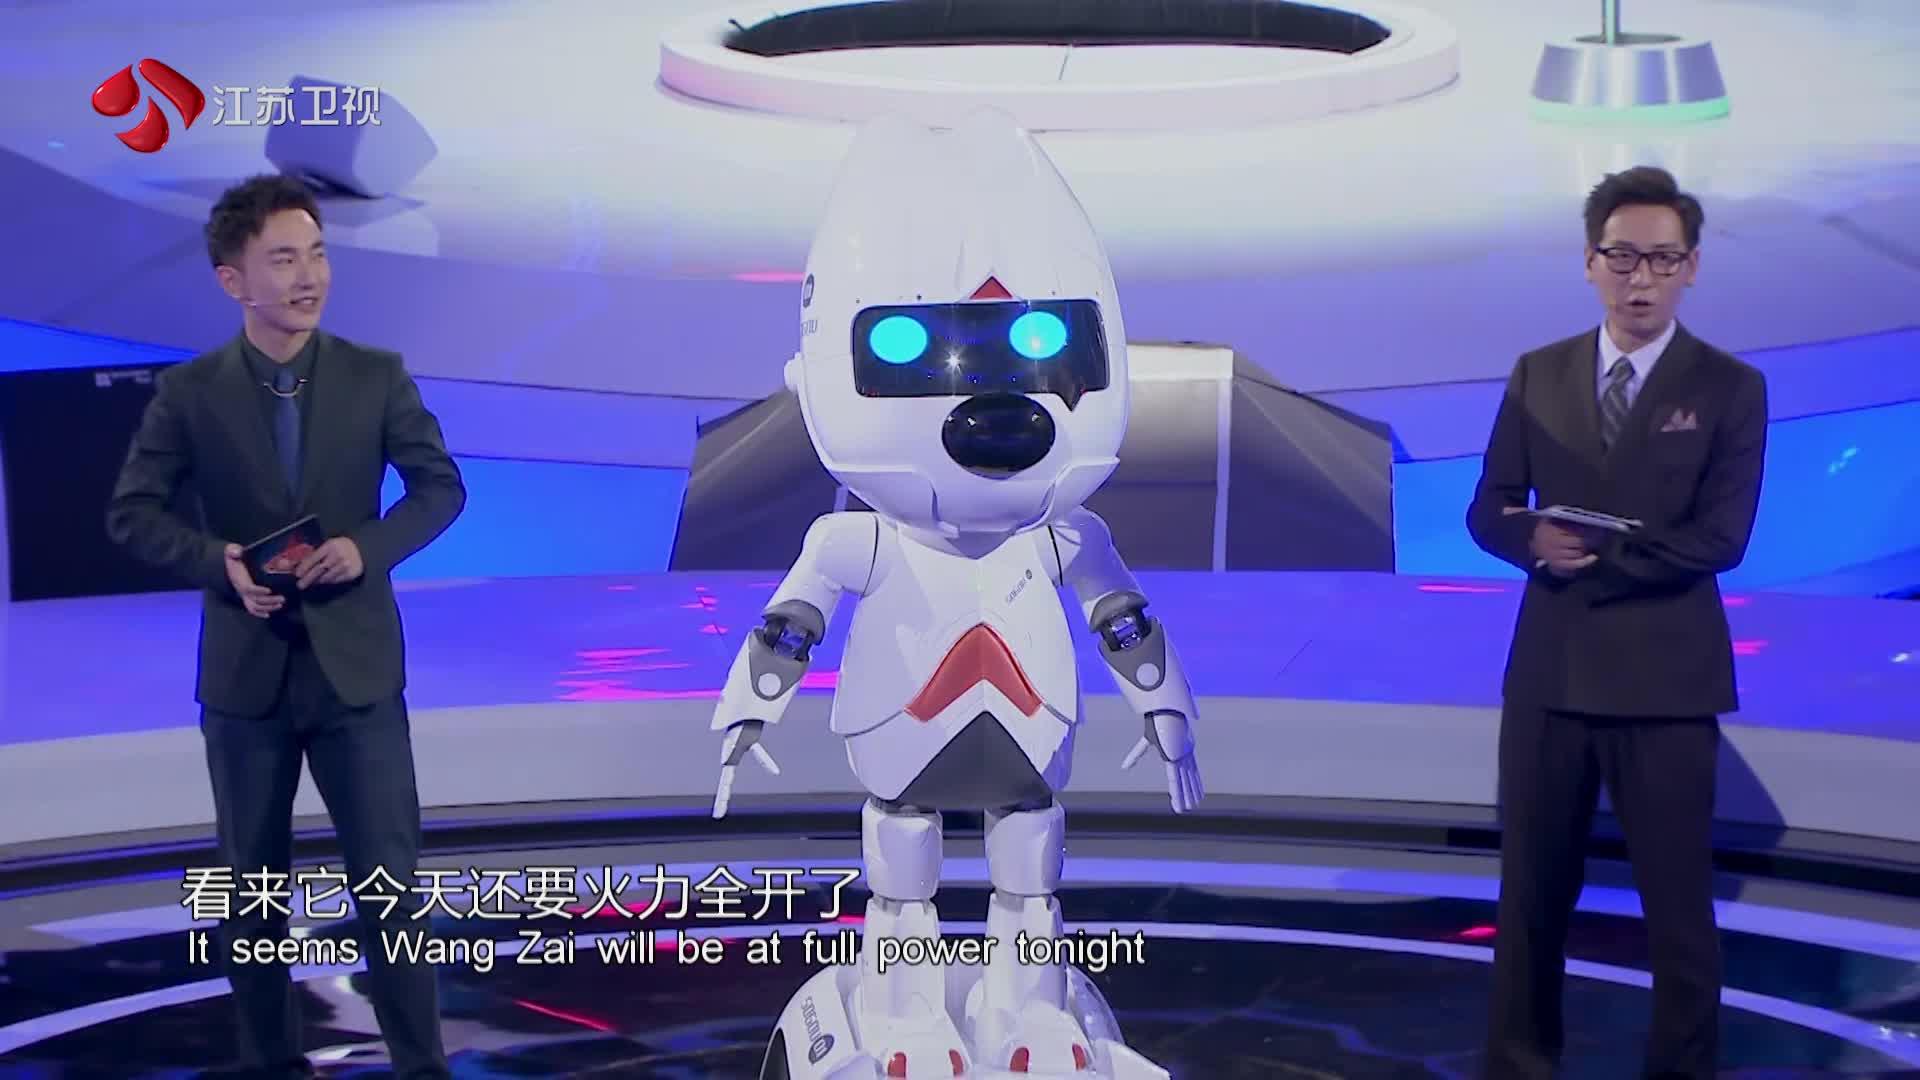 一站到底 天才青年对战搜狗机器人,展示超凡战斗力